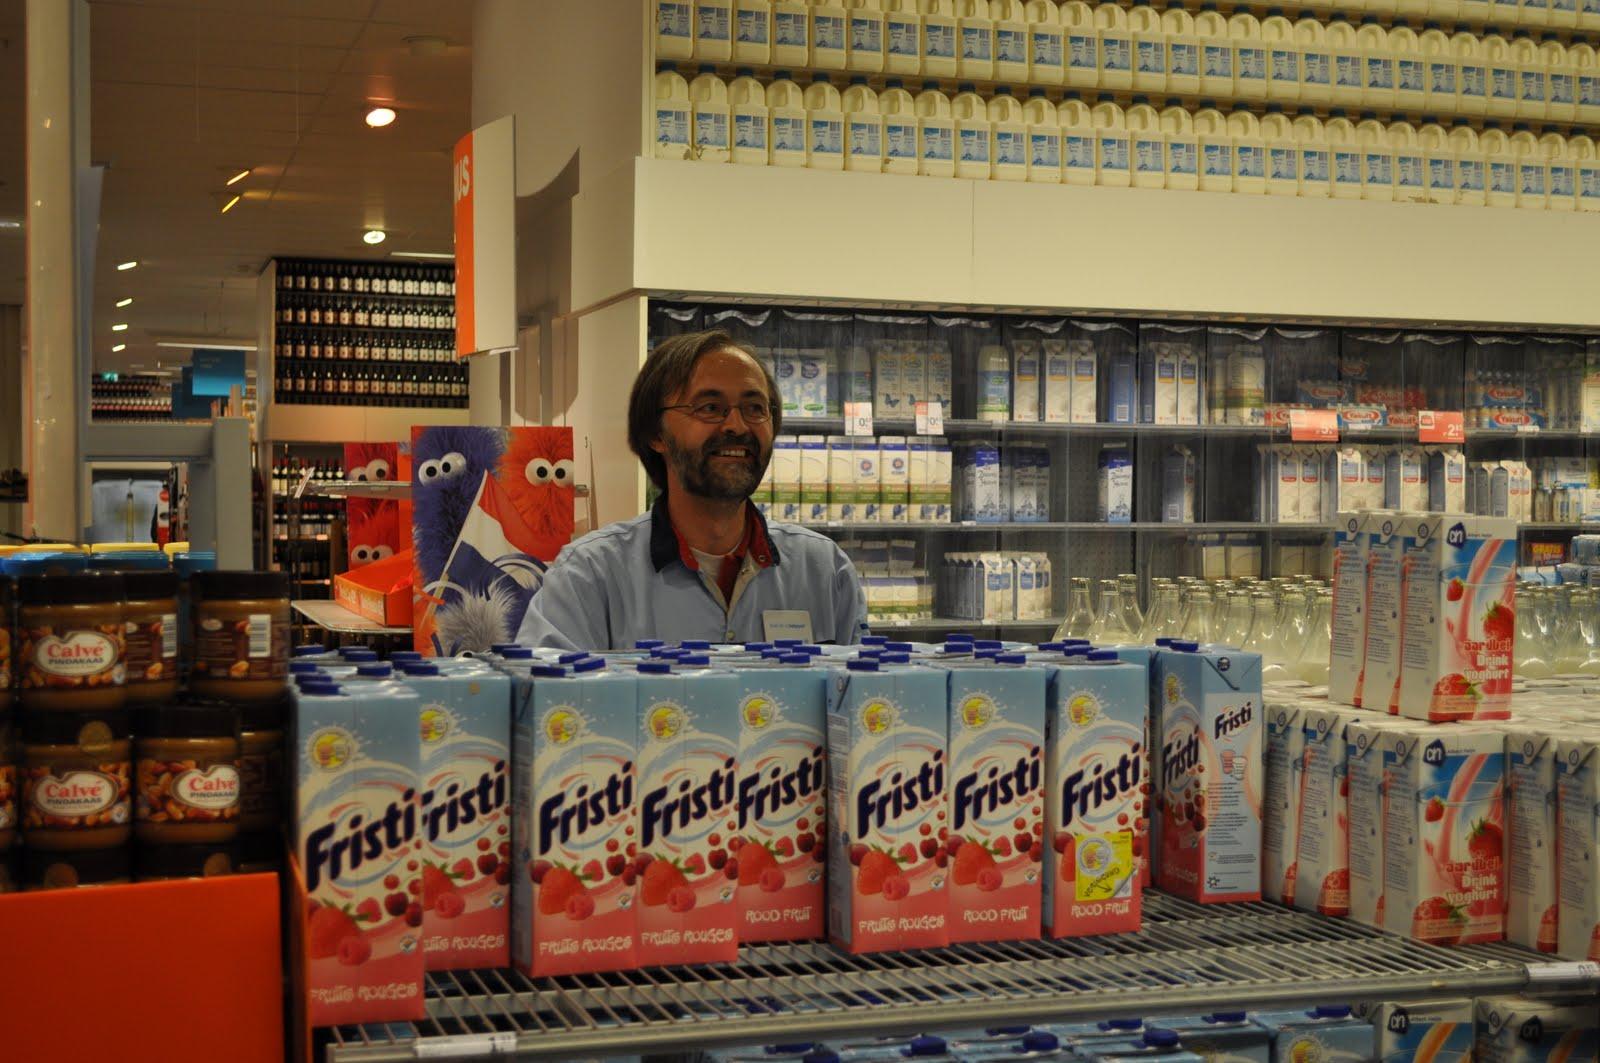 Zeevuh_AHXL_2010-06-07 - 21-13-33